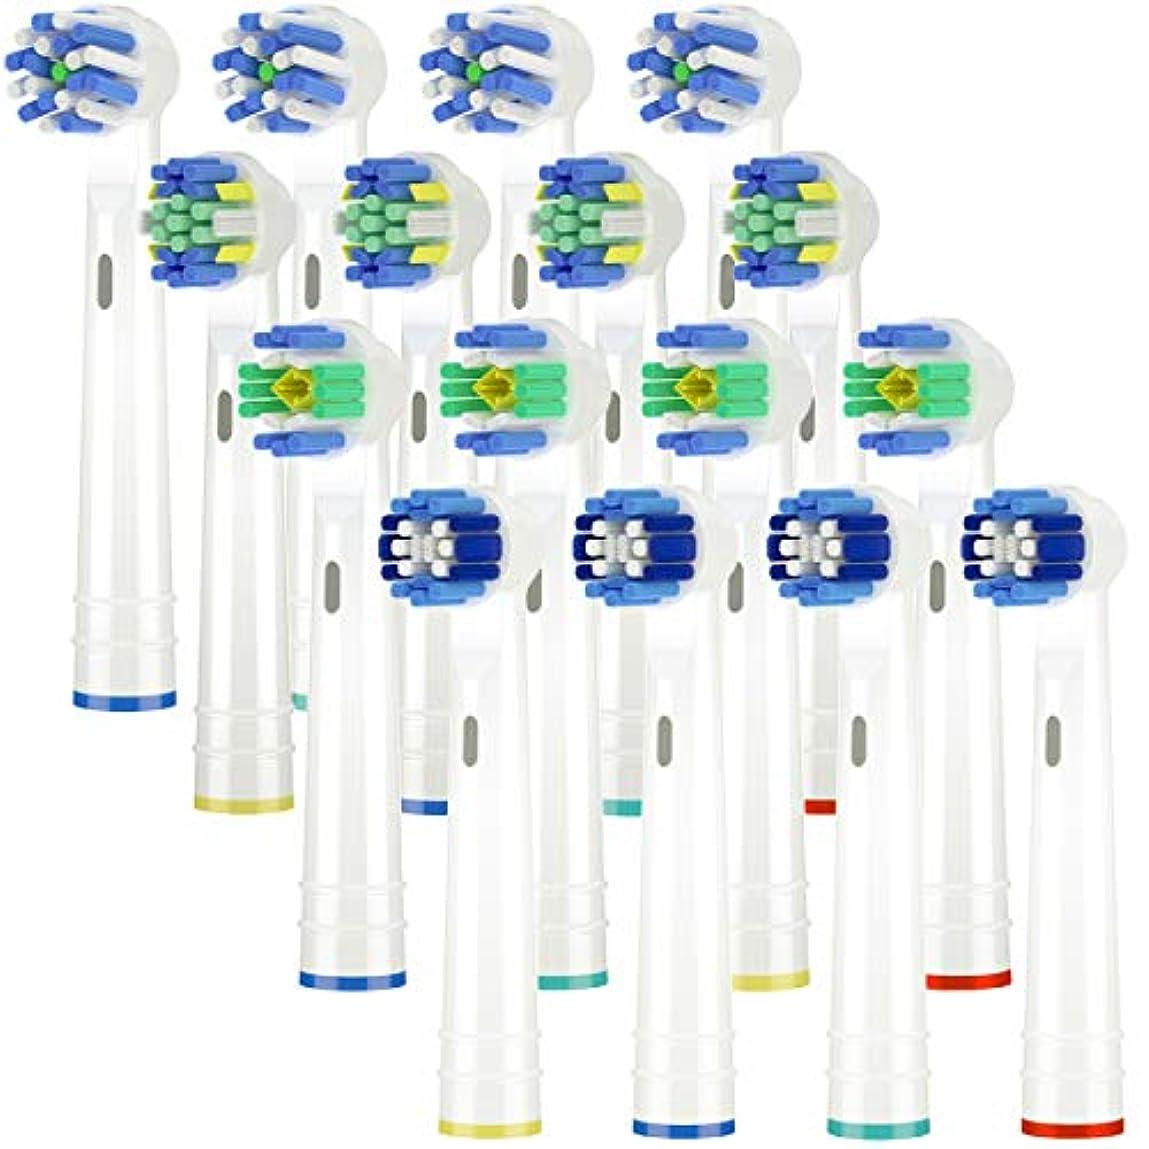 印象的真面目な暴力的なItechnik 電動歯ブラシ 替えブラシ ブラウン オーラルB 対応 替えブラシ 4種類が入り:ホワイトニングブラシ 、ベーシックブラシ、歯間ワイパー付きブラシ、マルチアクションブラシ 凡用な16本